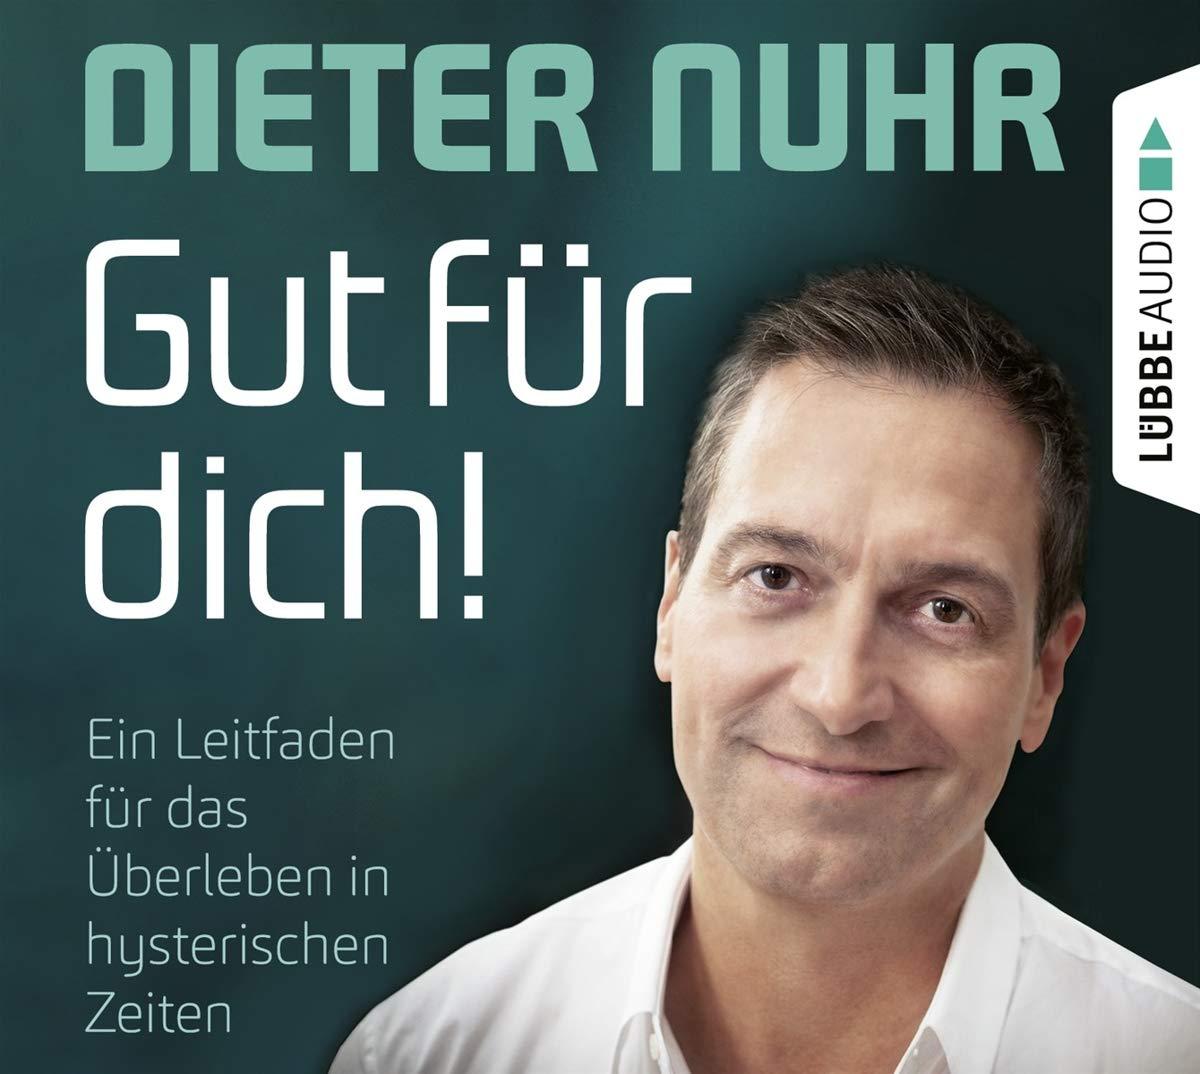 Gut Fur Dich Ein Leitfaden Fur Das Uberleben In Hysterischen Zeiten Amazon De Nuhr Dieter Nuhr Dieter Bucher